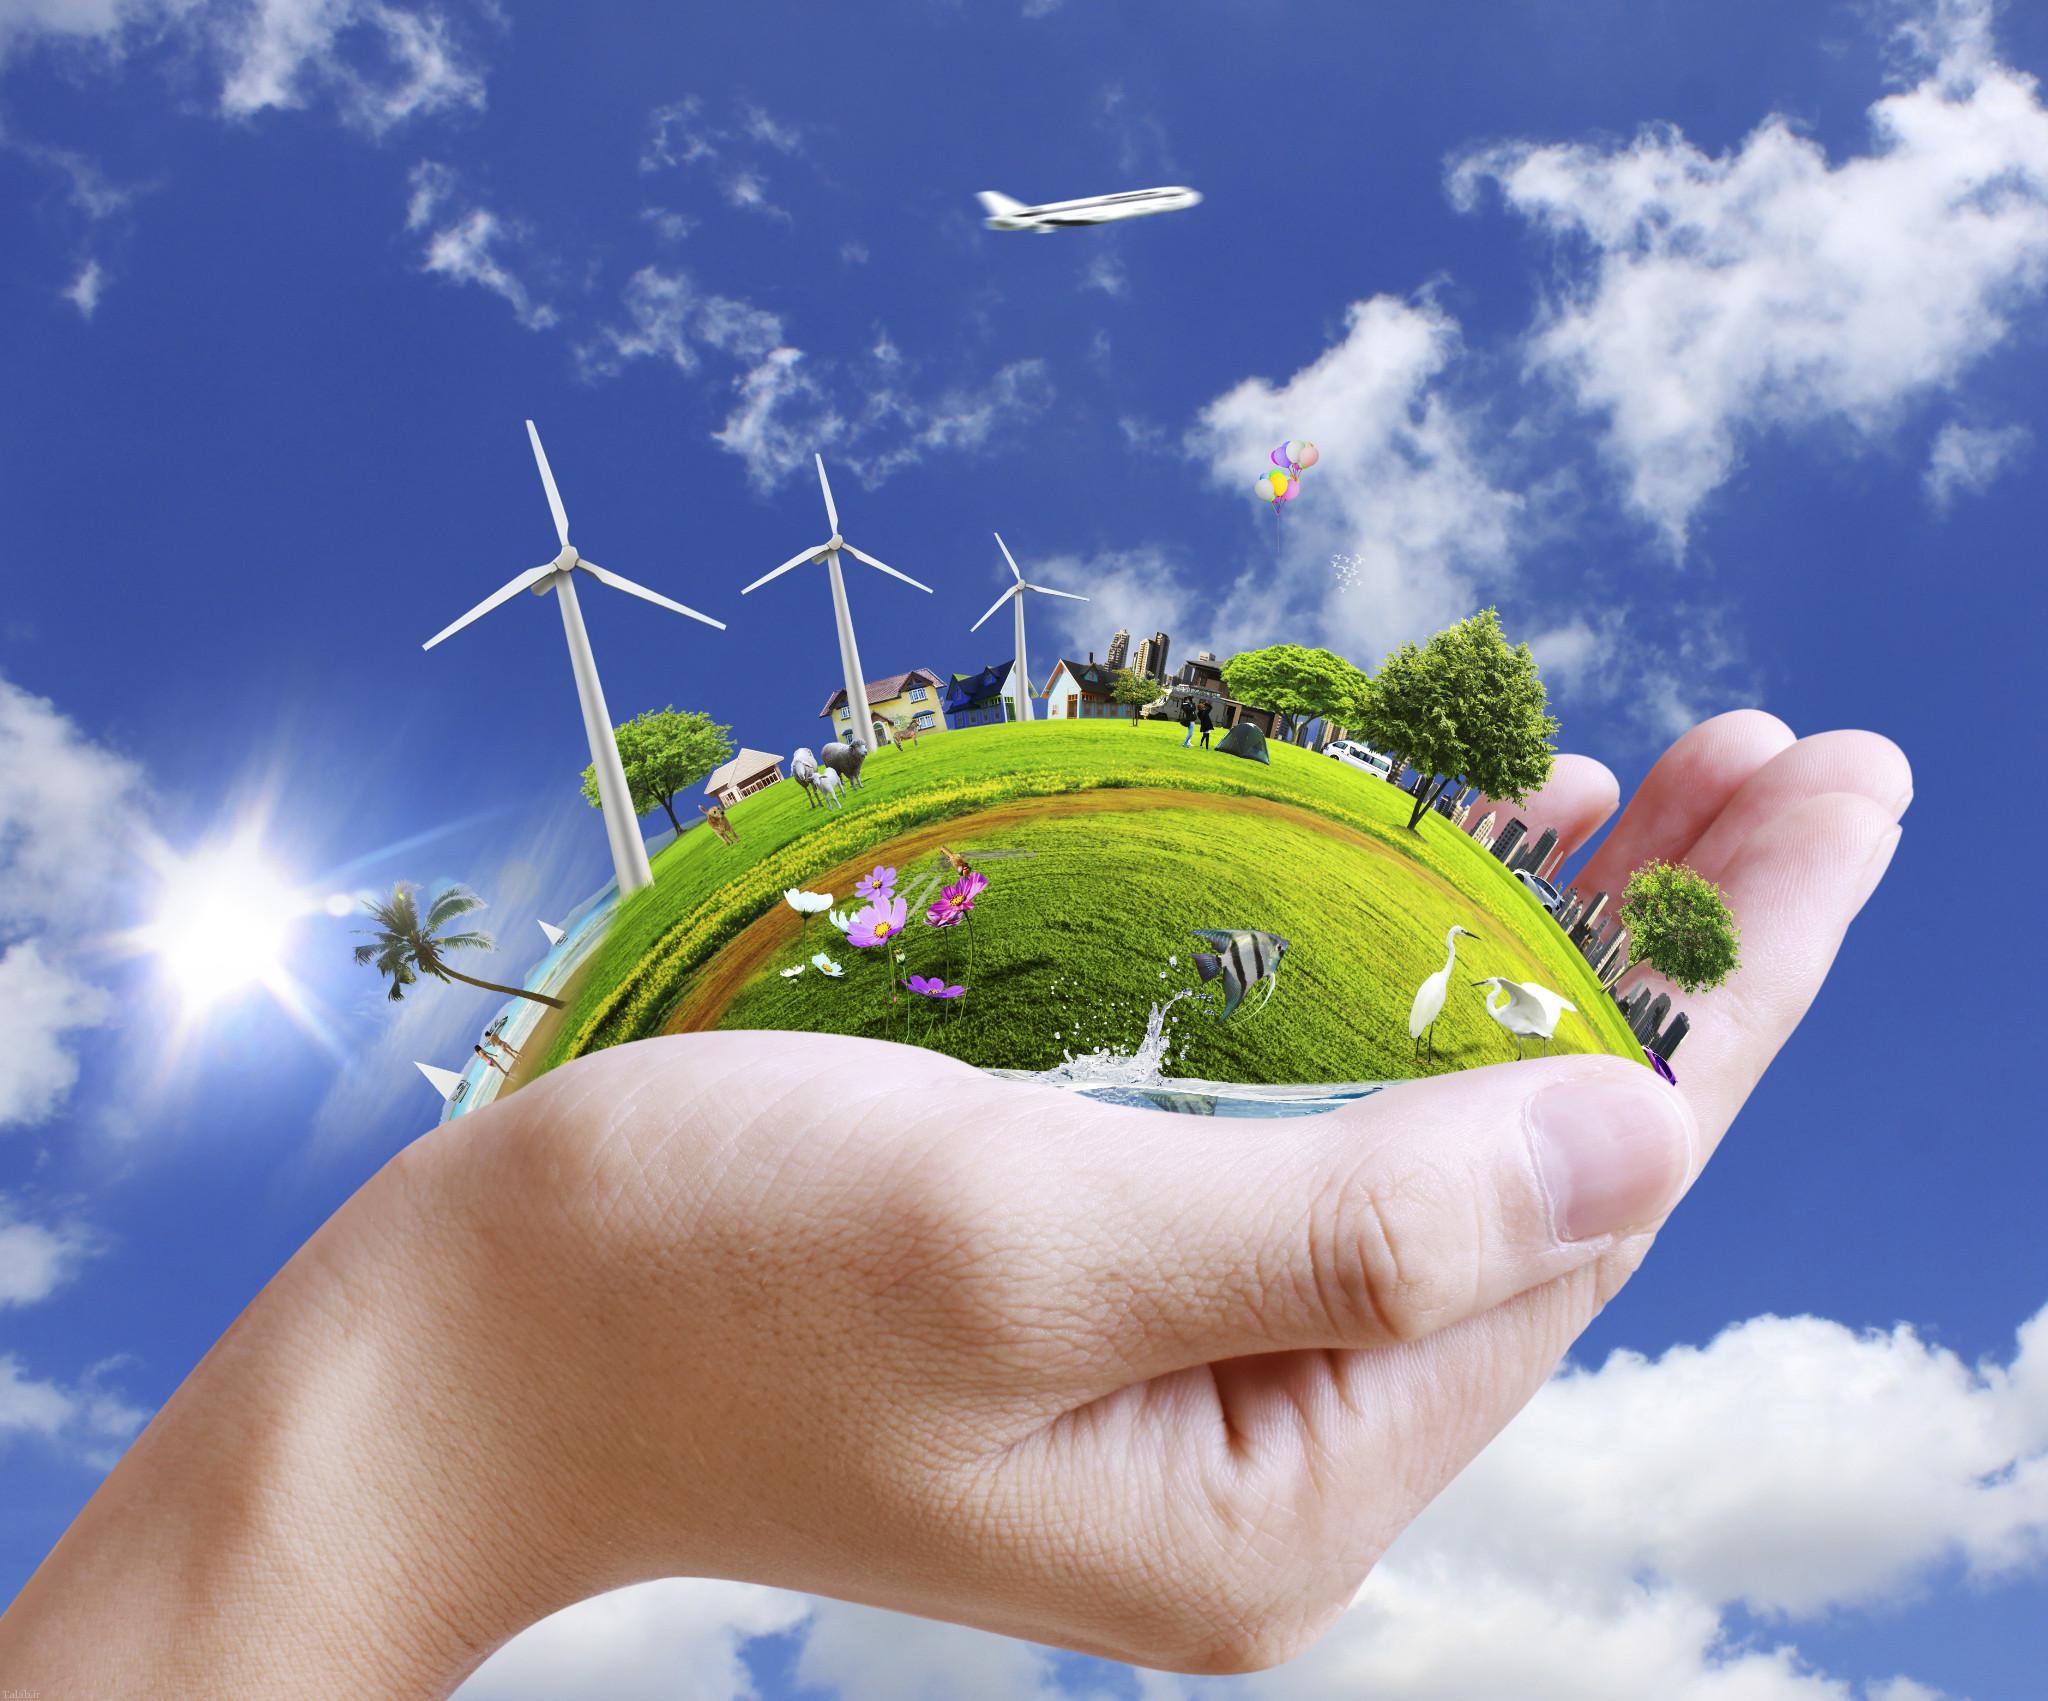 شعری زیبا در مورد بهداشت محیط